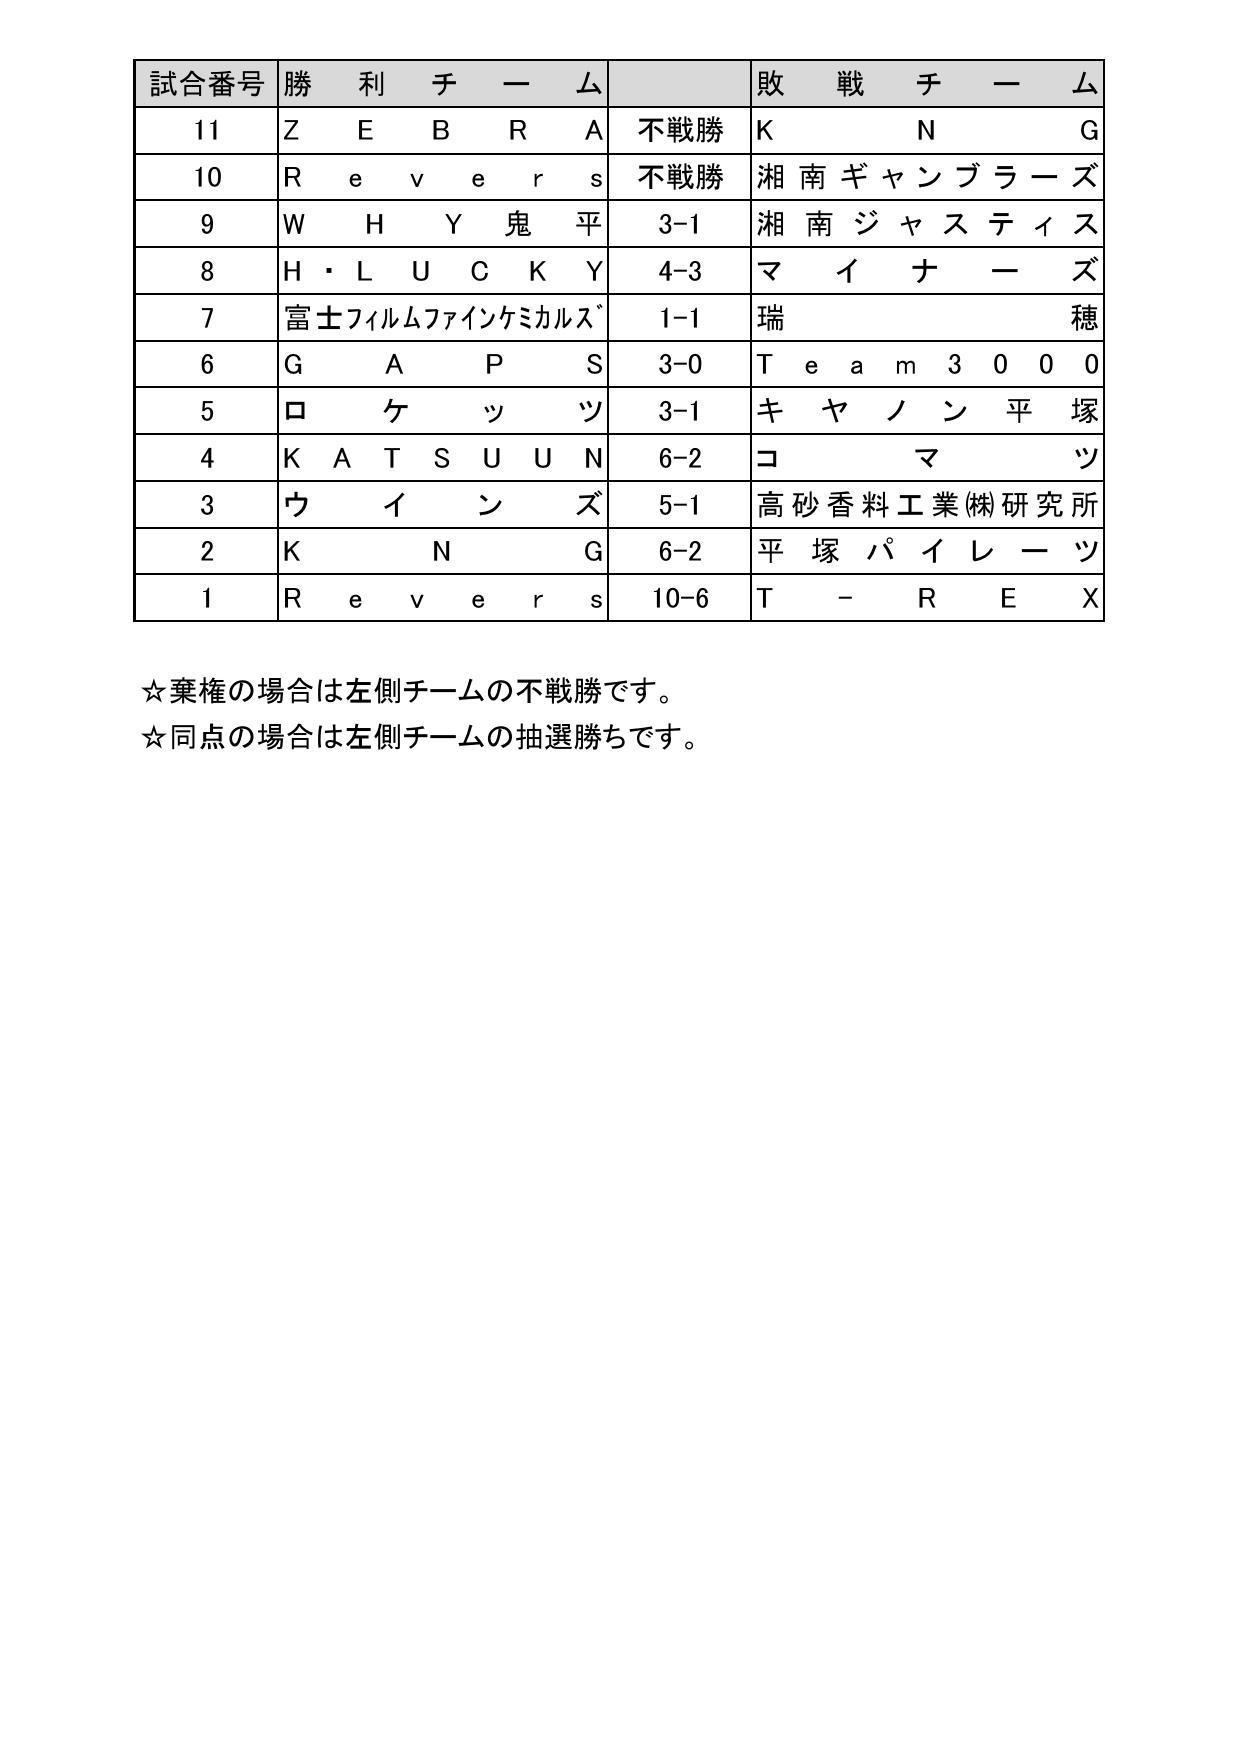 29auc_000002.jpg